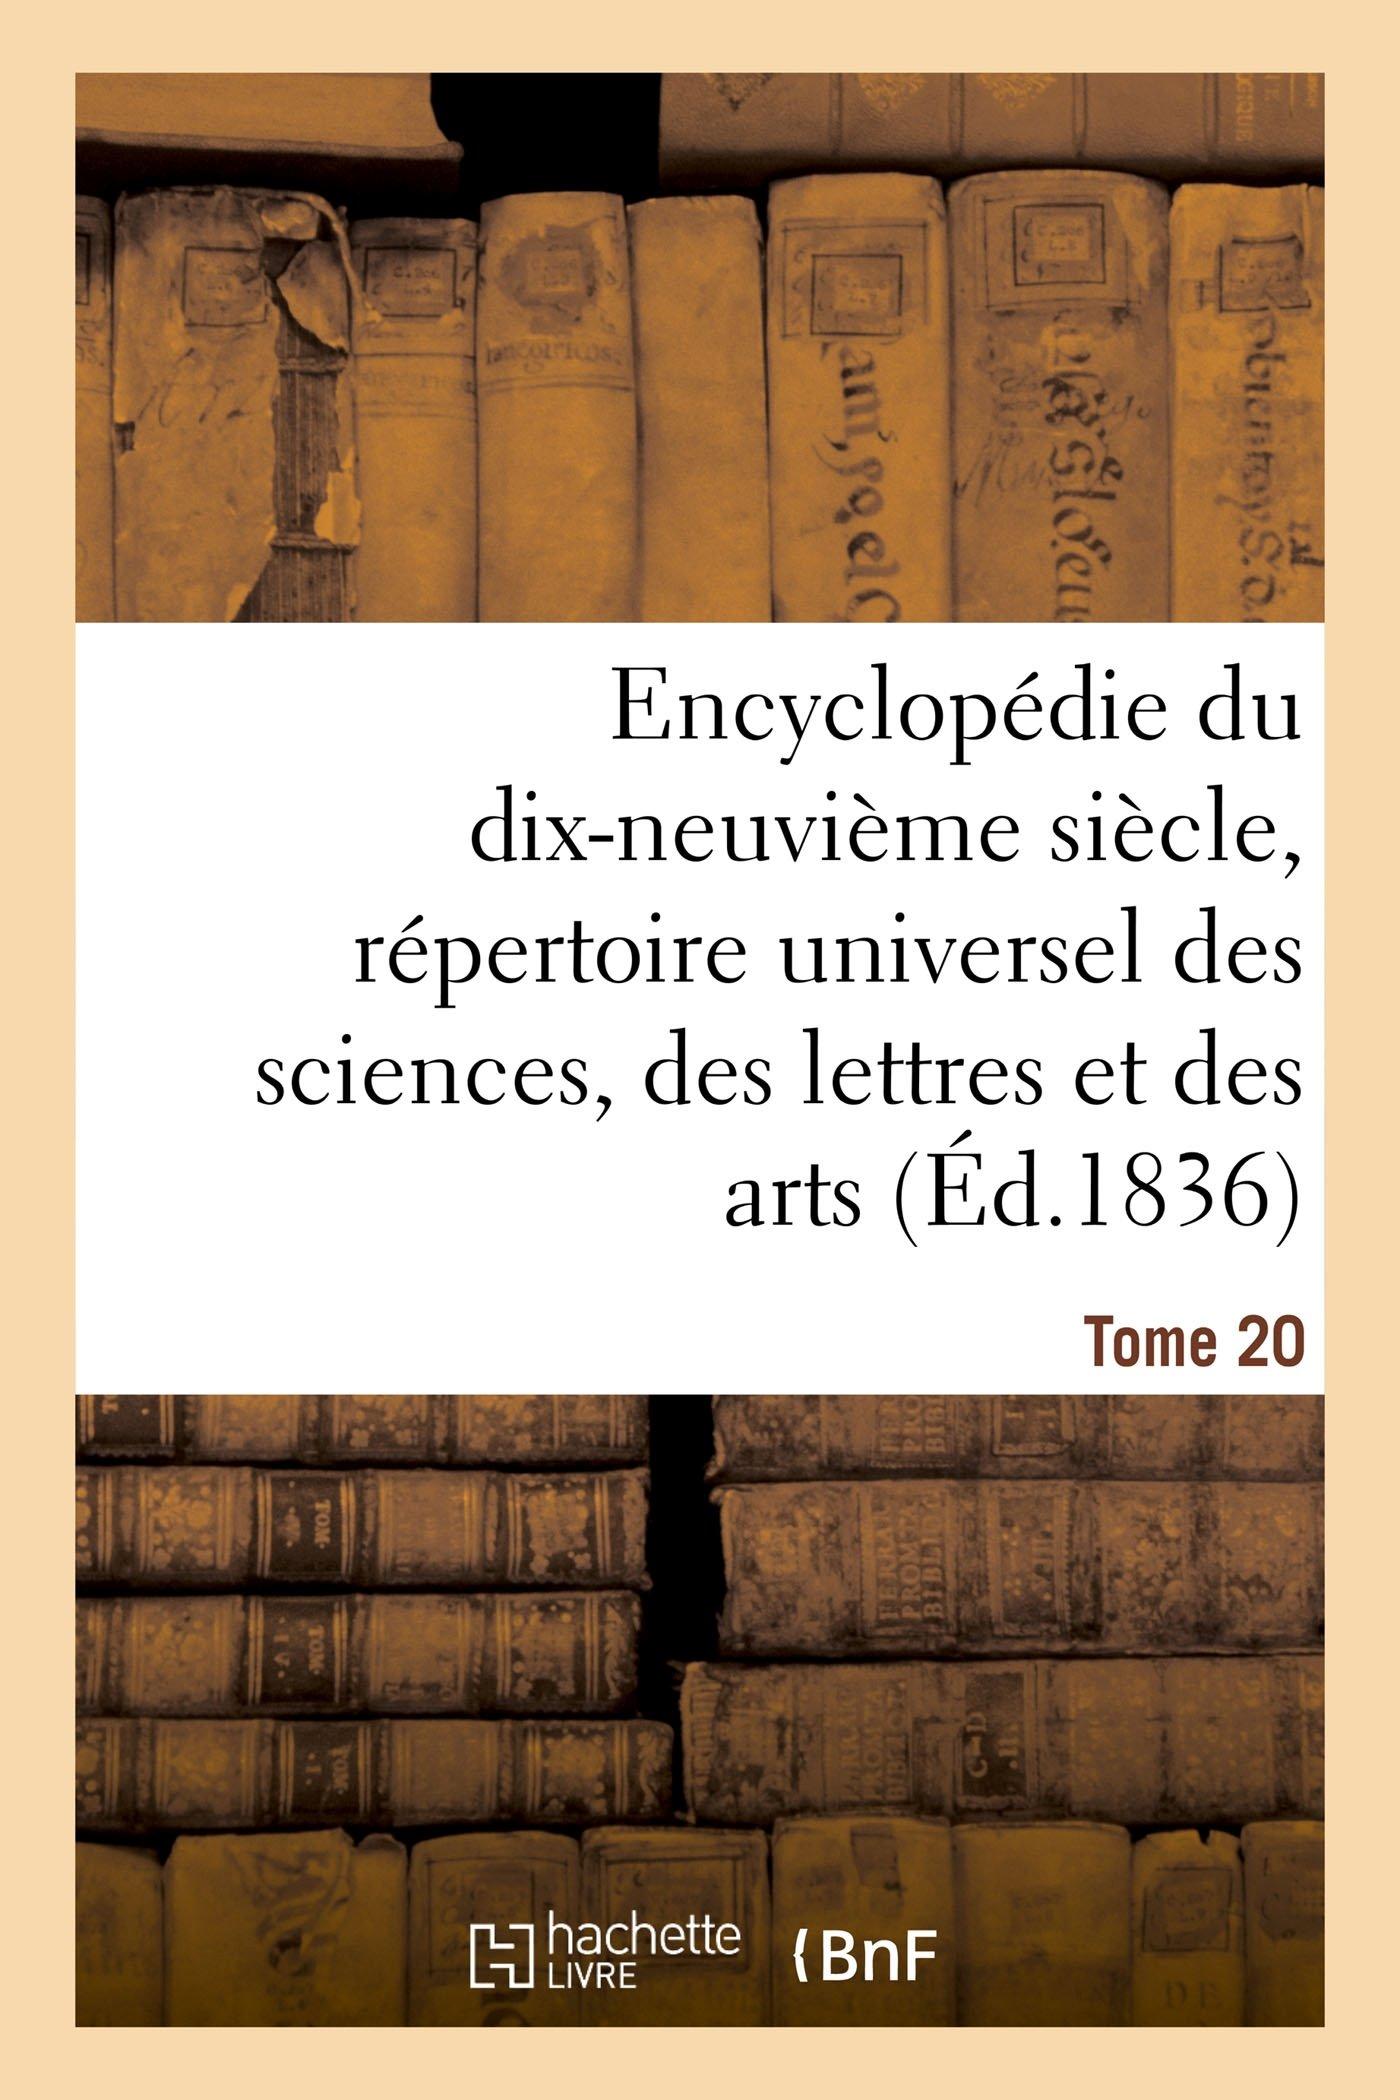 Encyclopédie Du 19ème Siècle, Répertoire Universel Des Sciences, Des Lettres Et Des Arts Tome 20 (Generalites) (French Edition) pdf